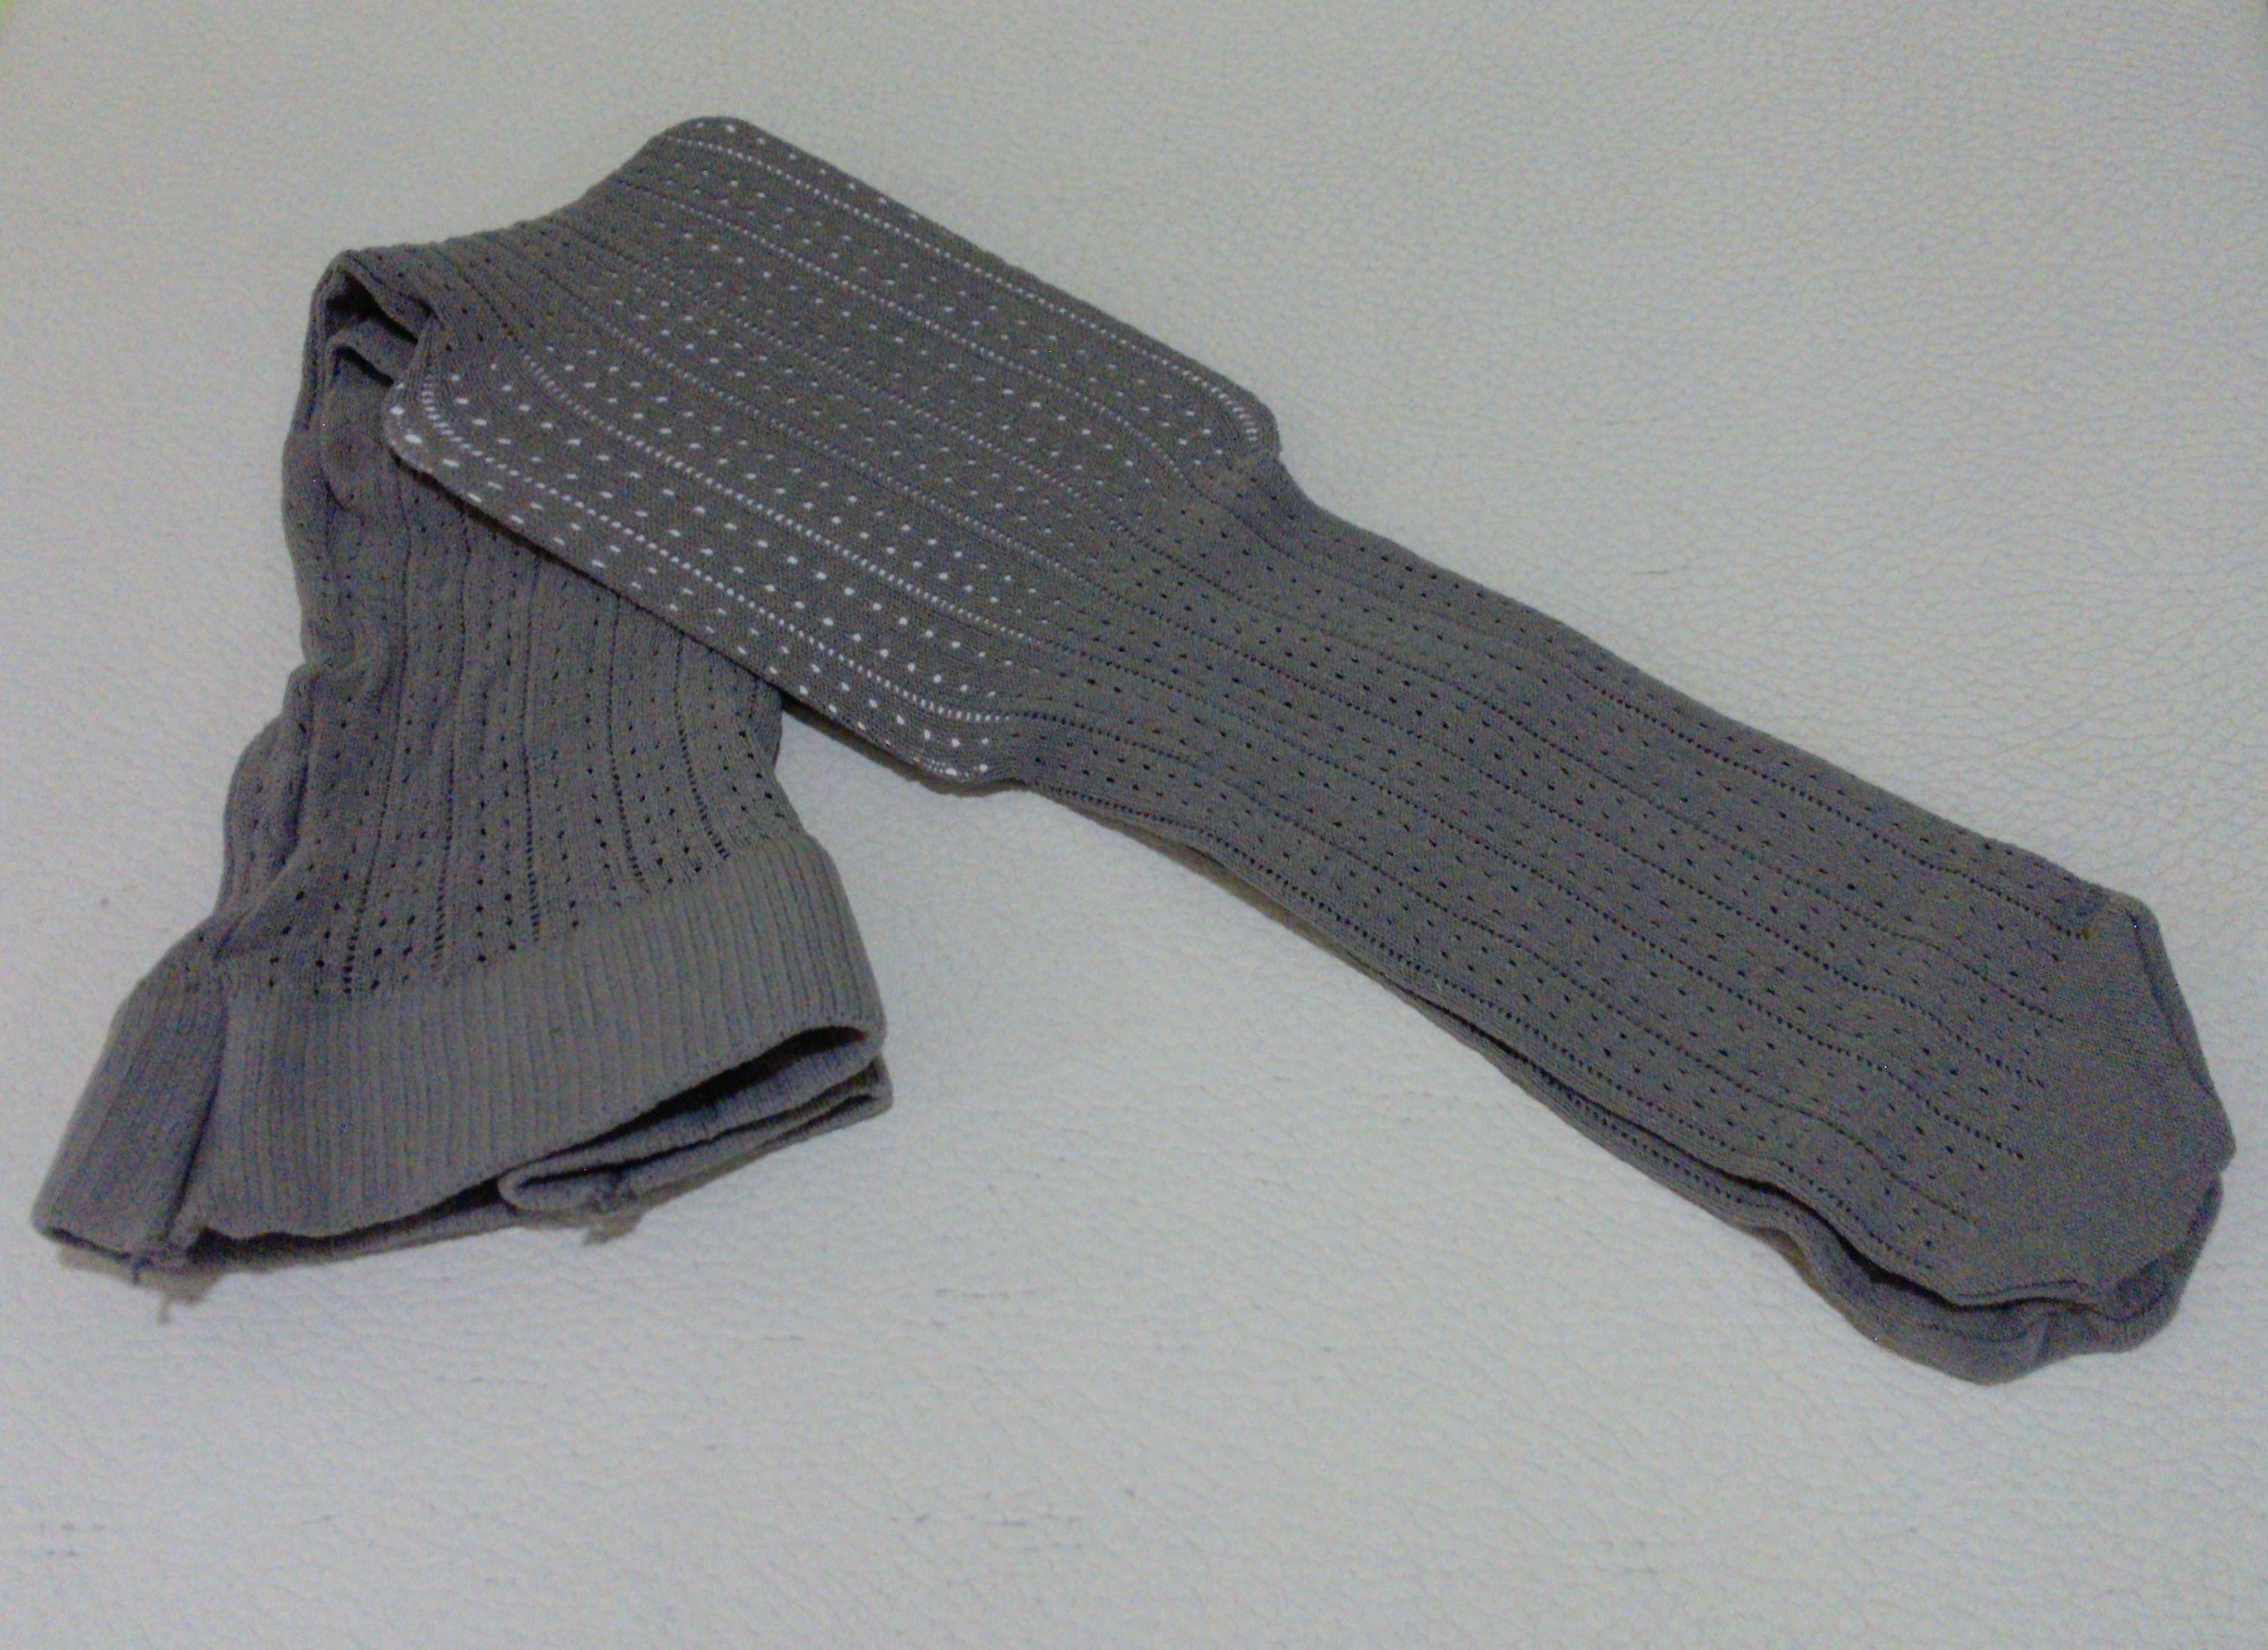 Panty calado de hilo en tono gris Tallas desde 3 meses a 8 años Marca...ADARA-APRICOT